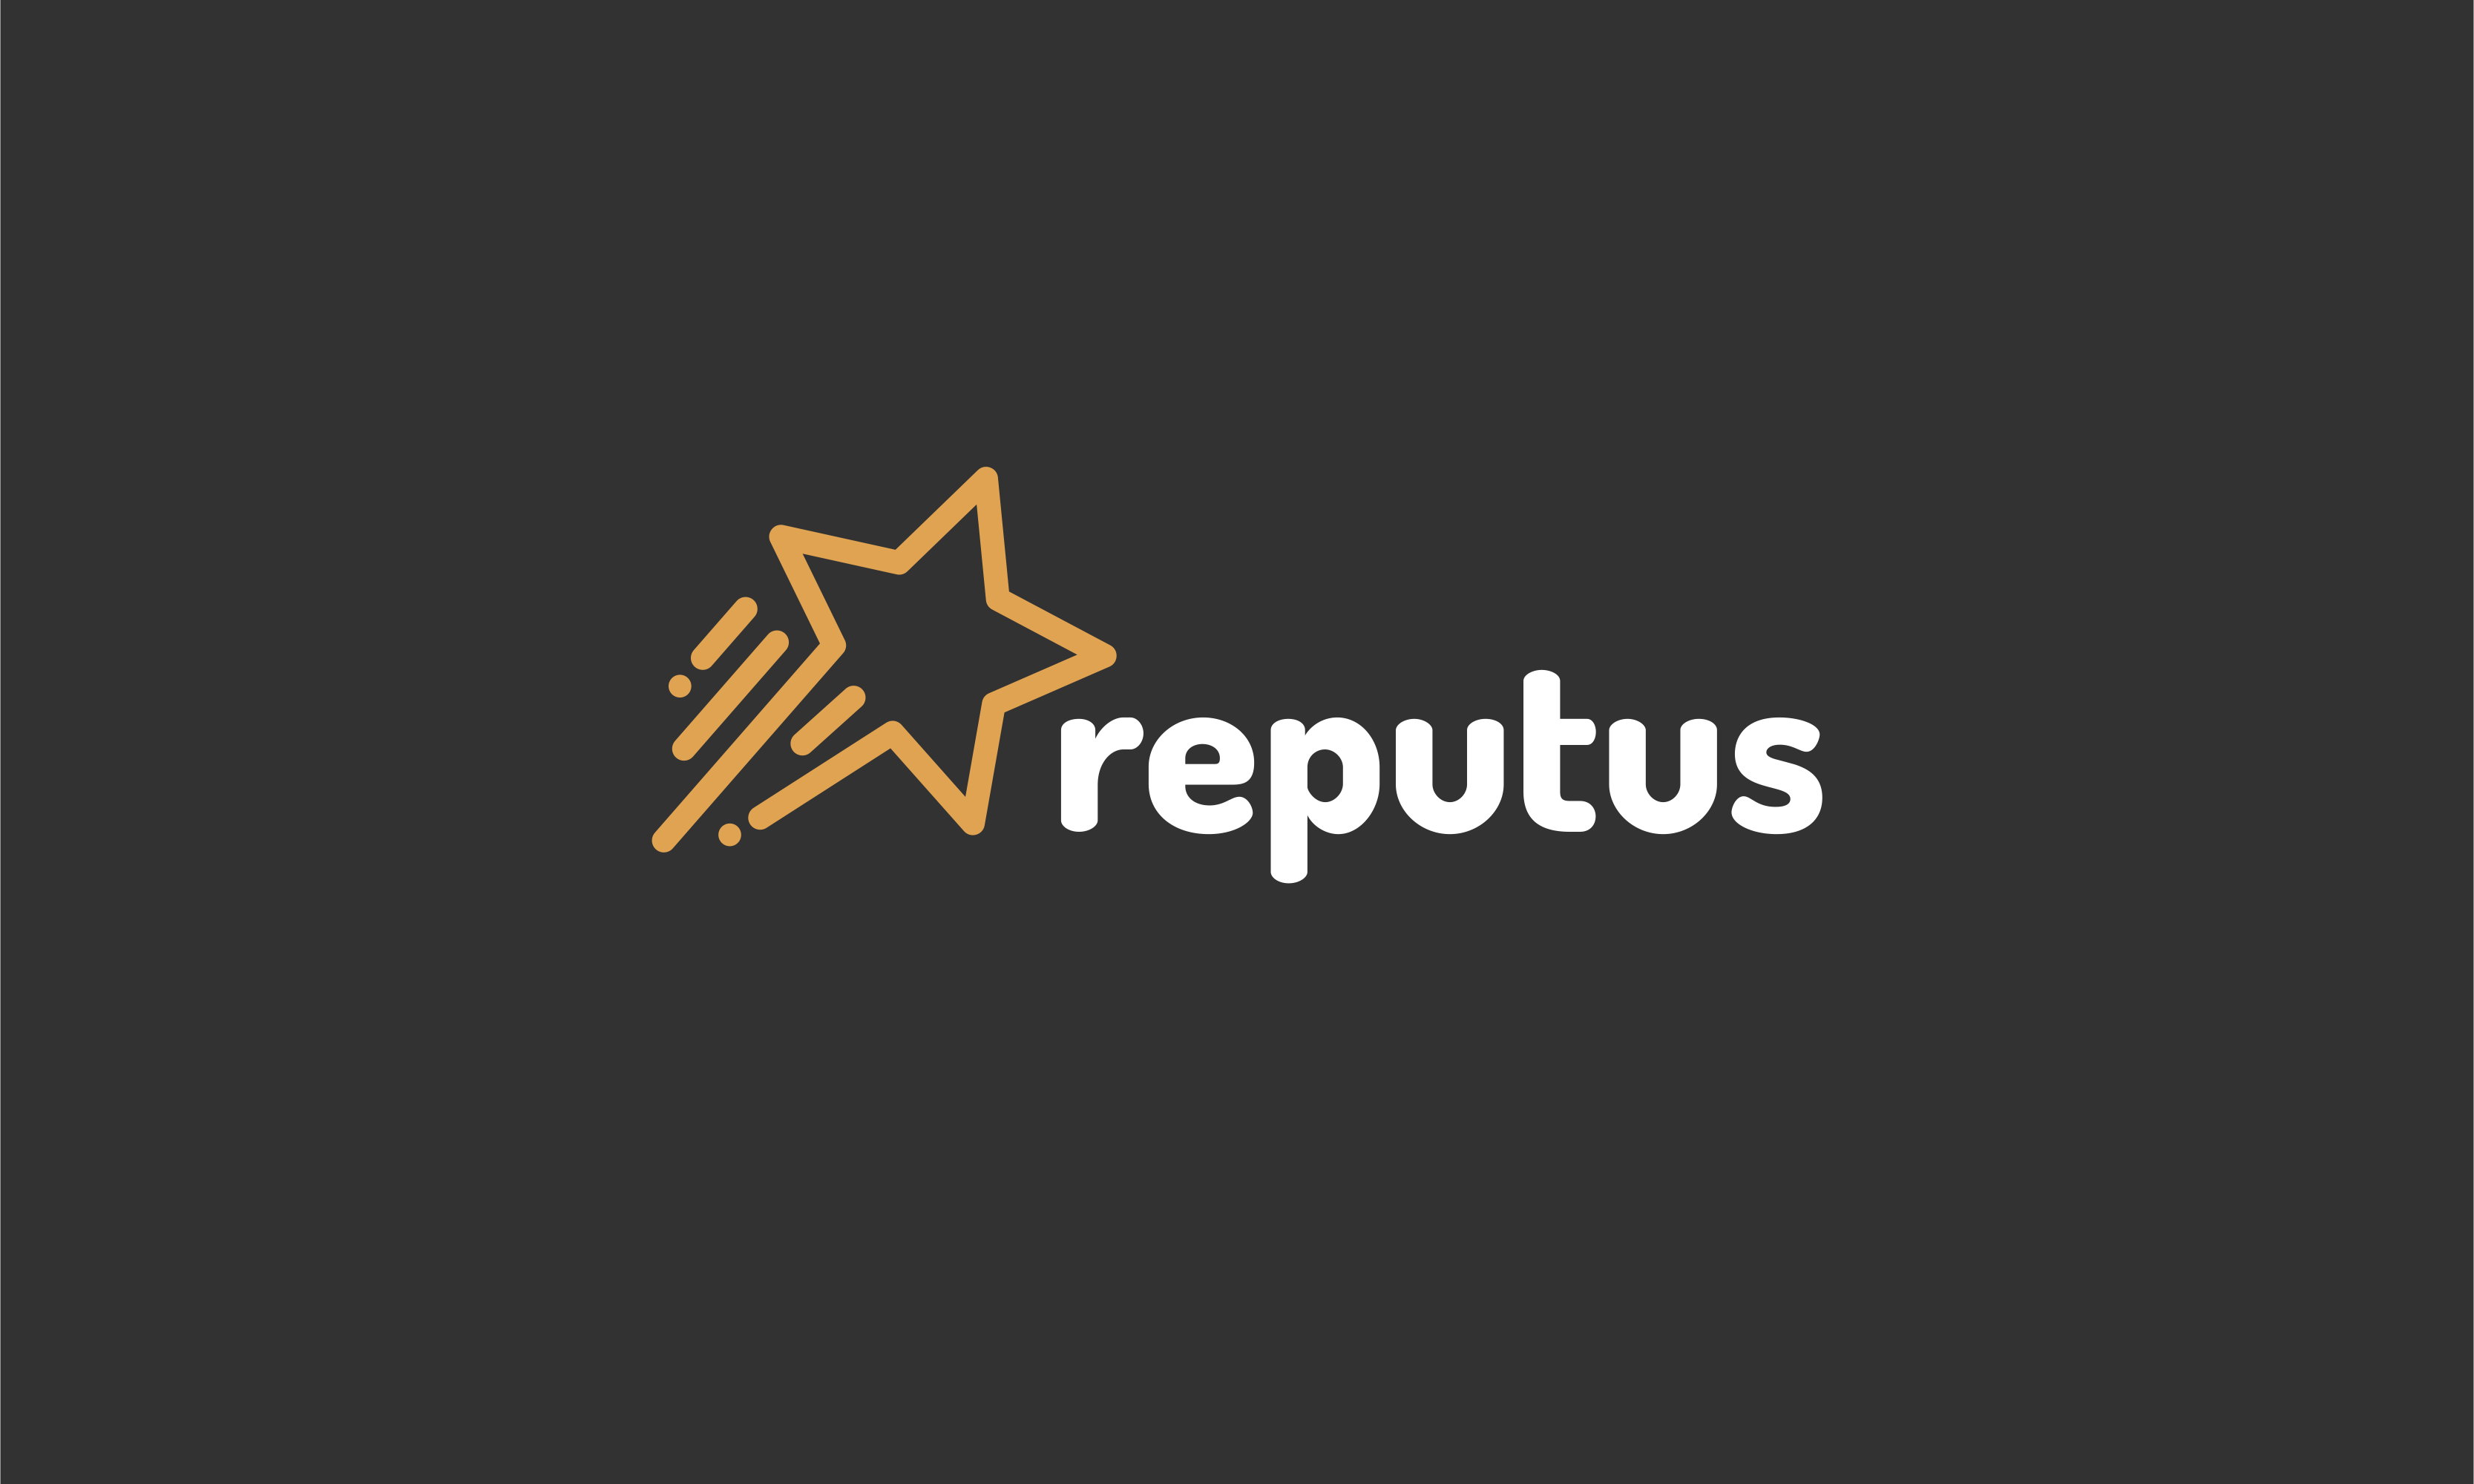 Reputus